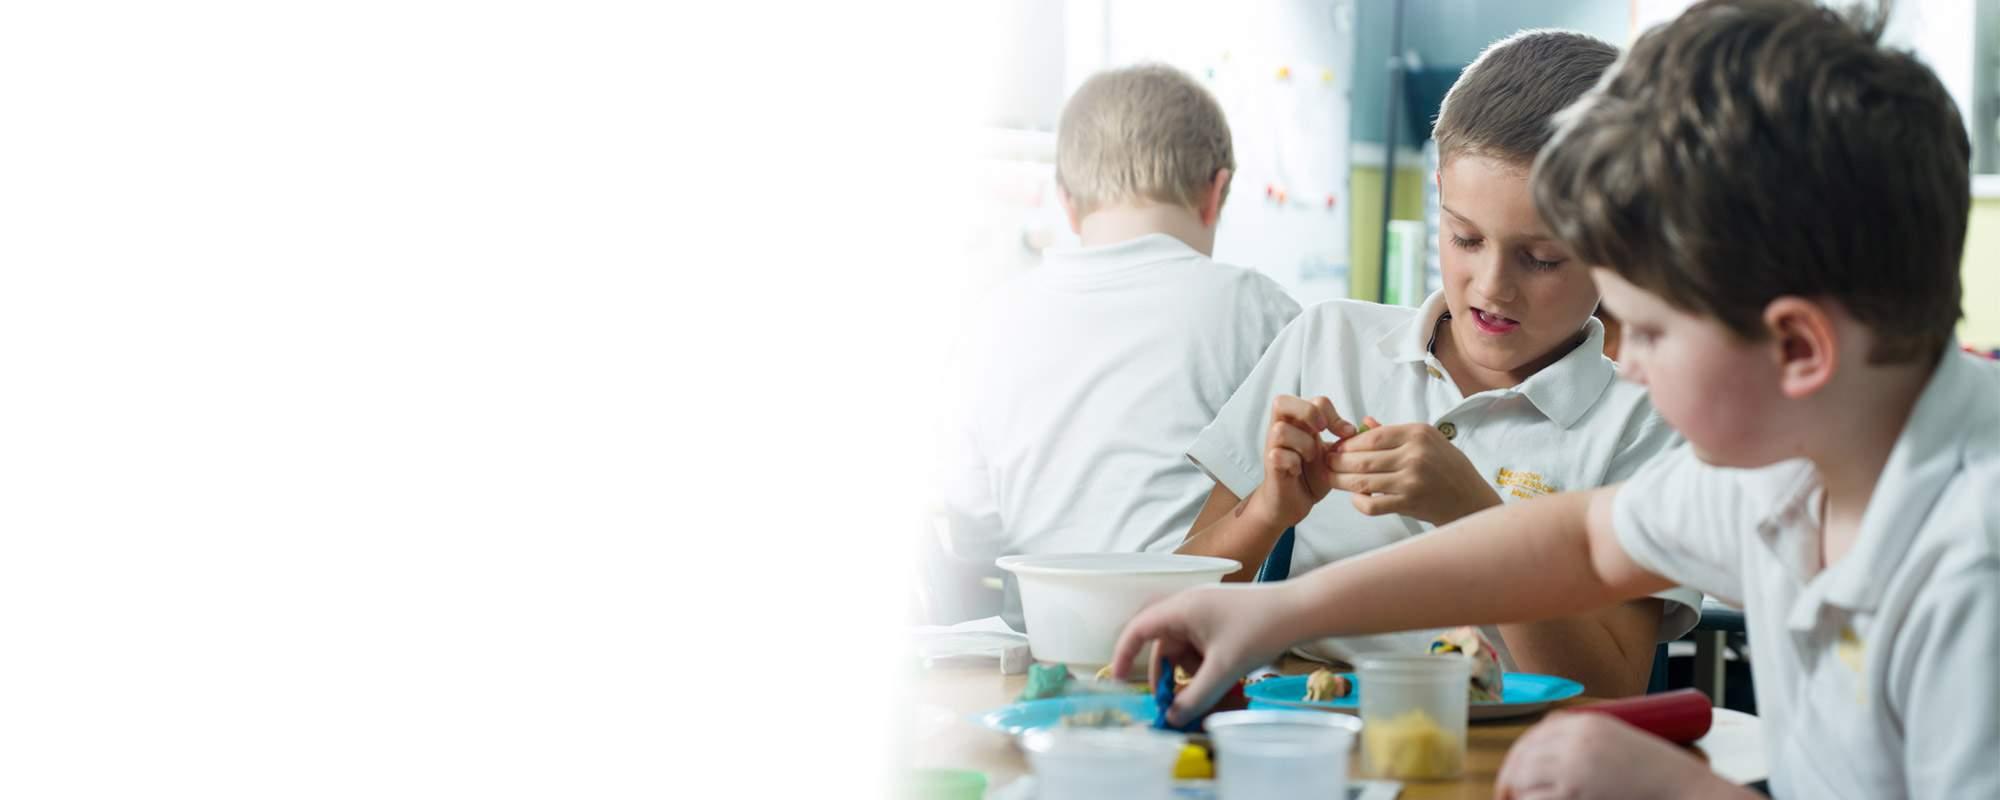 children-activities-registration2